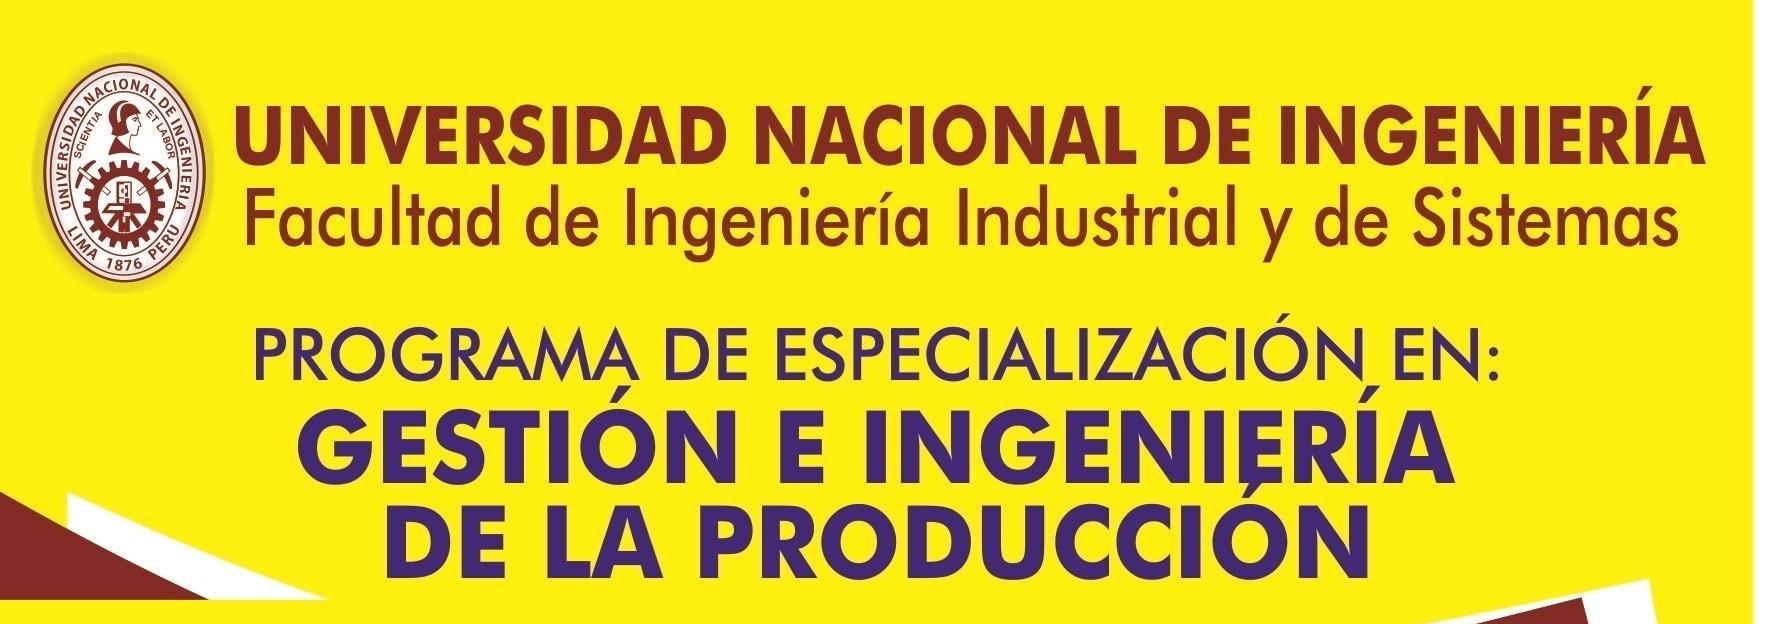 Facultad De Ingeniera Industrial Y De Sistemas Facultad De